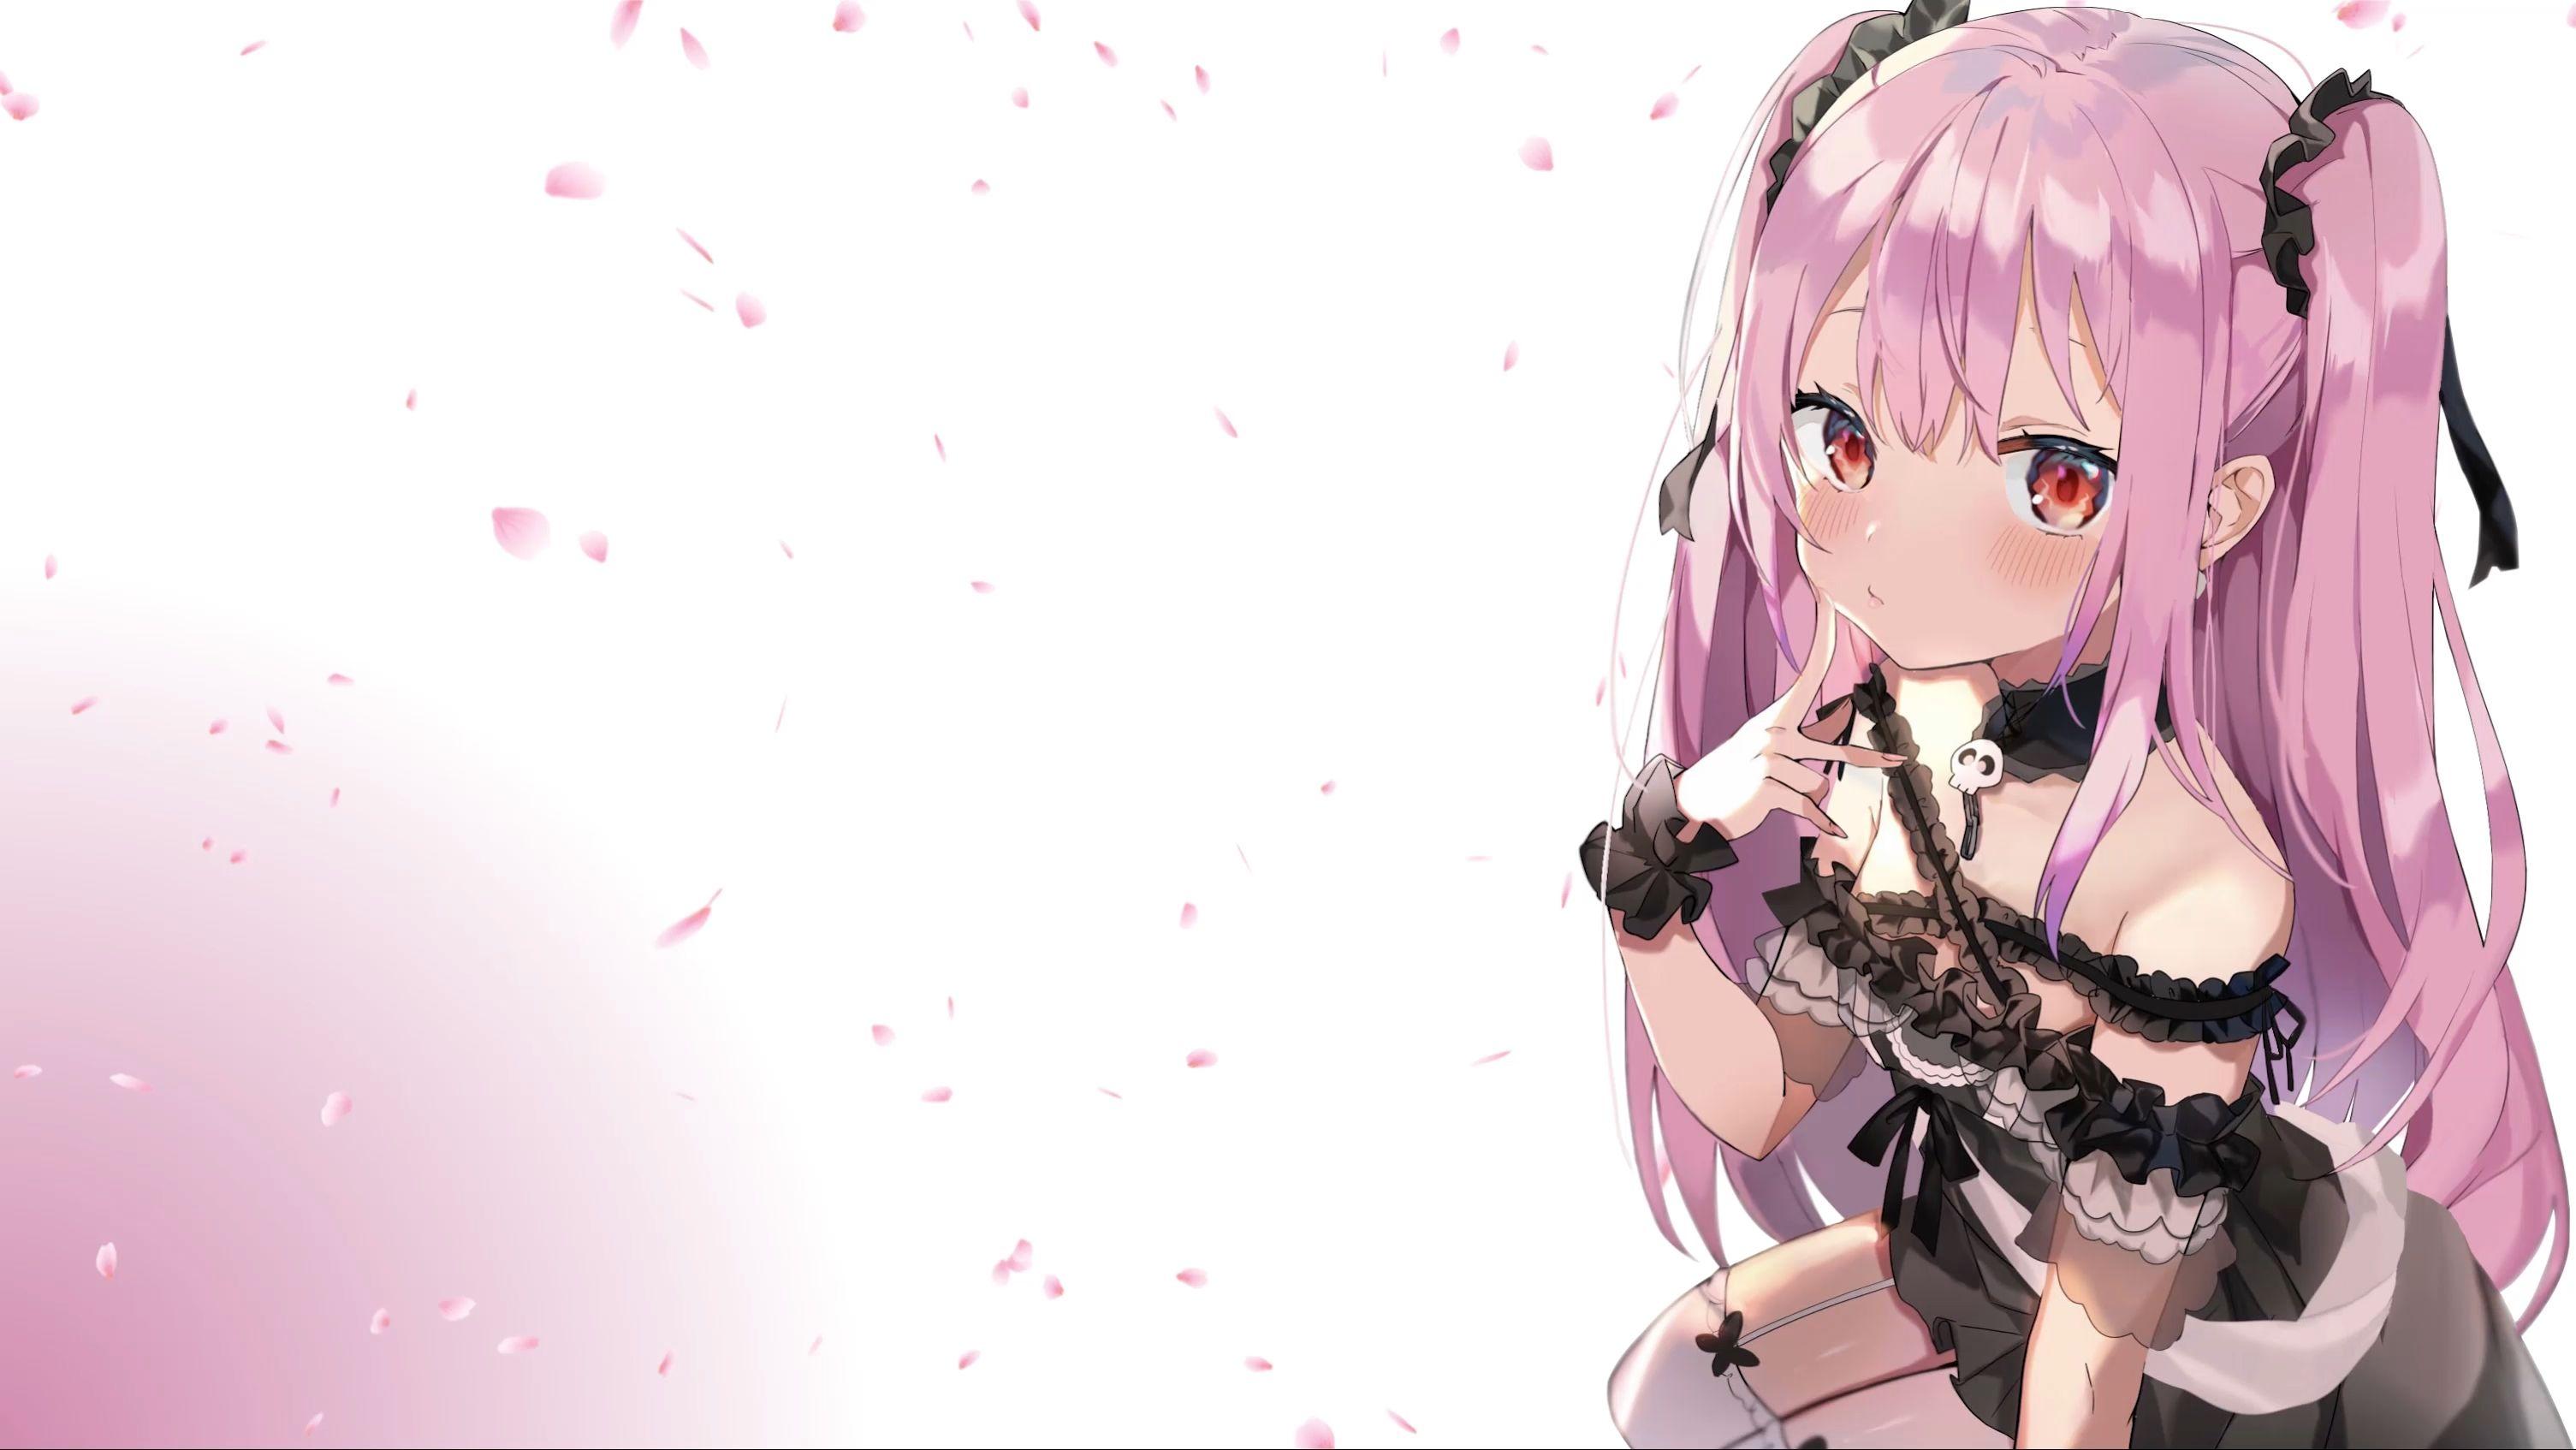 VTuber – Uruha Rushia 2K [Wallpaper Engine Anime] 4K